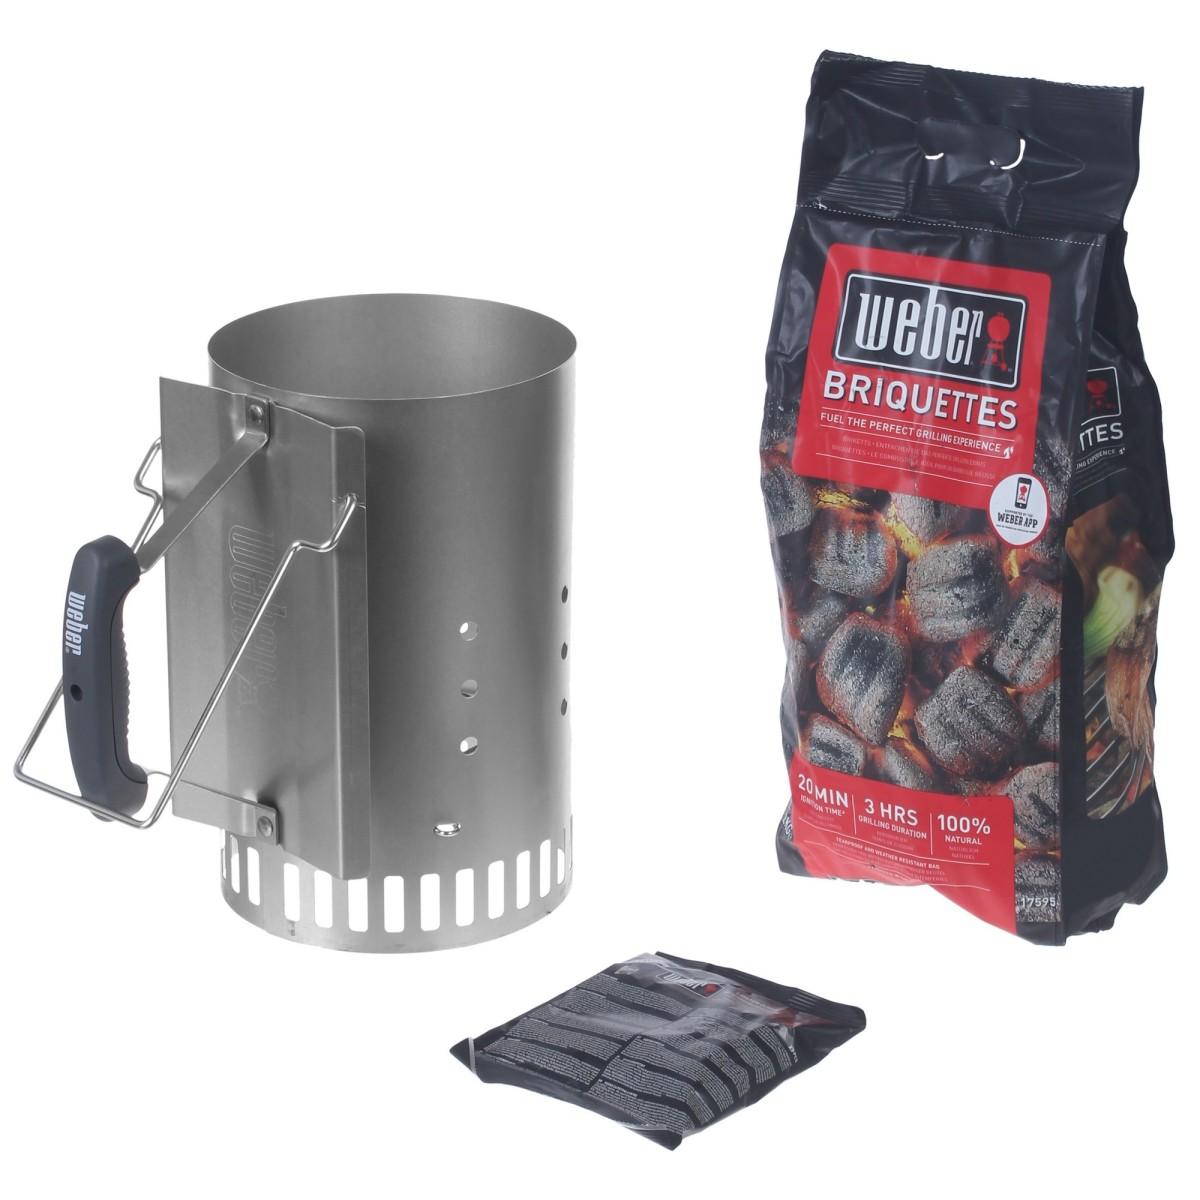 Набор для розжига Weber стартер брикеты угольные 2 кг кубики 3 шт